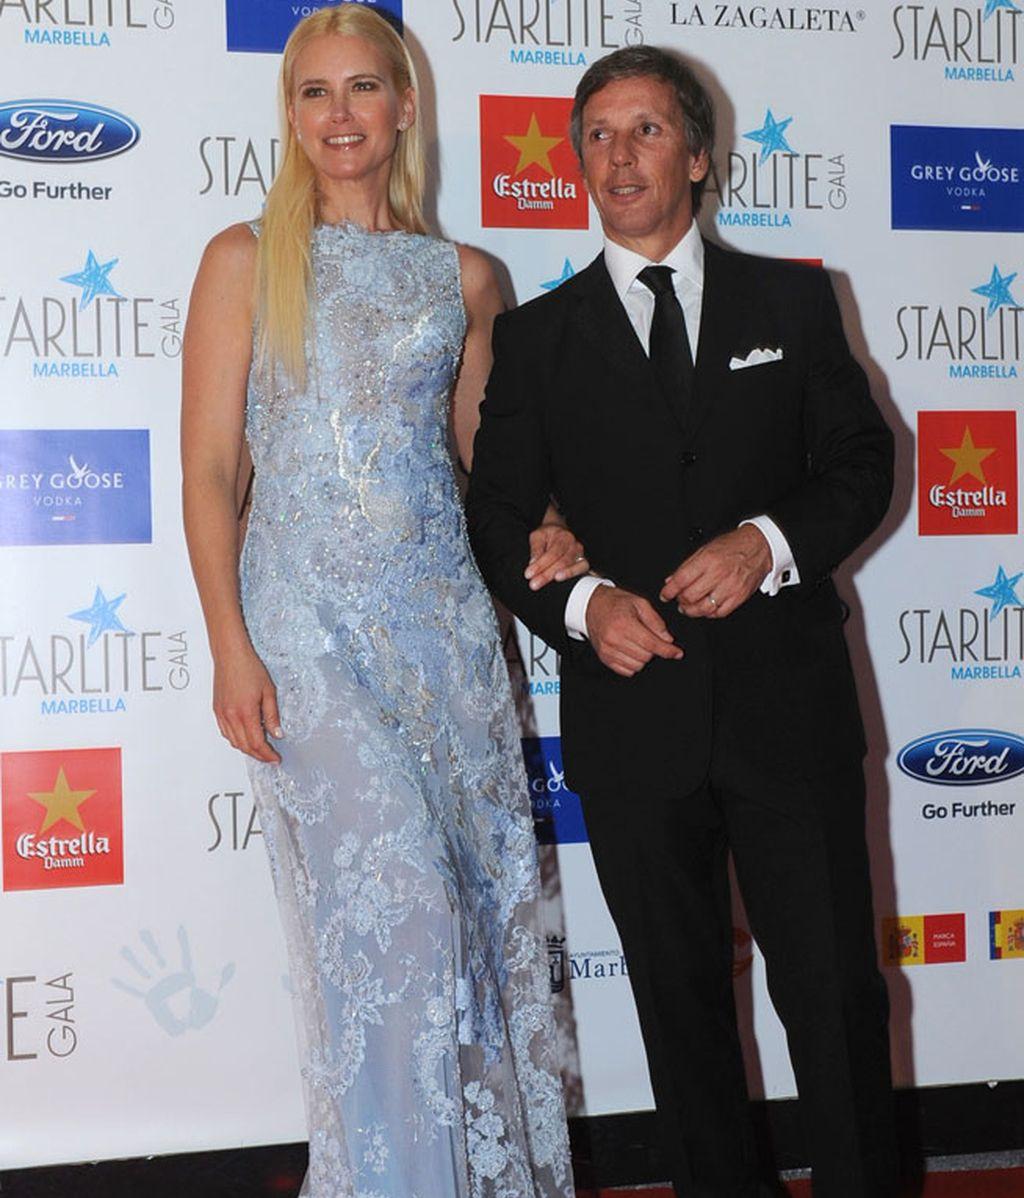 La supermodelo Valeria Mazza optó por un azul cielo de encaje